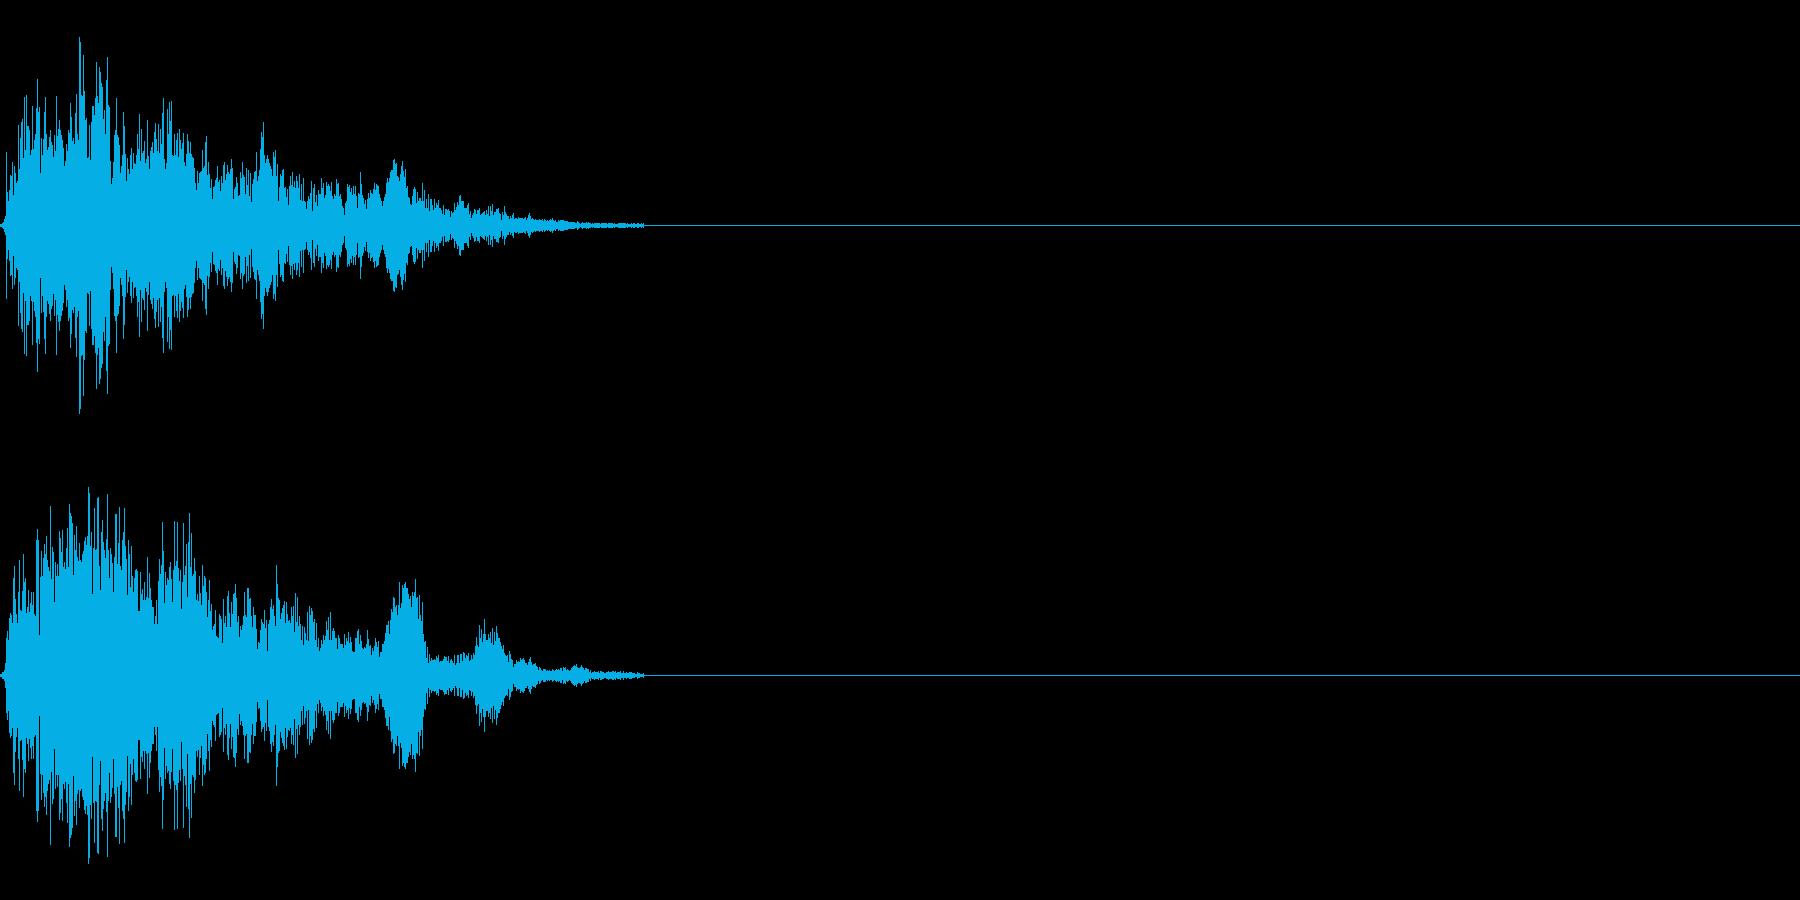 シューンキューンゲーム音の再生済みの波形